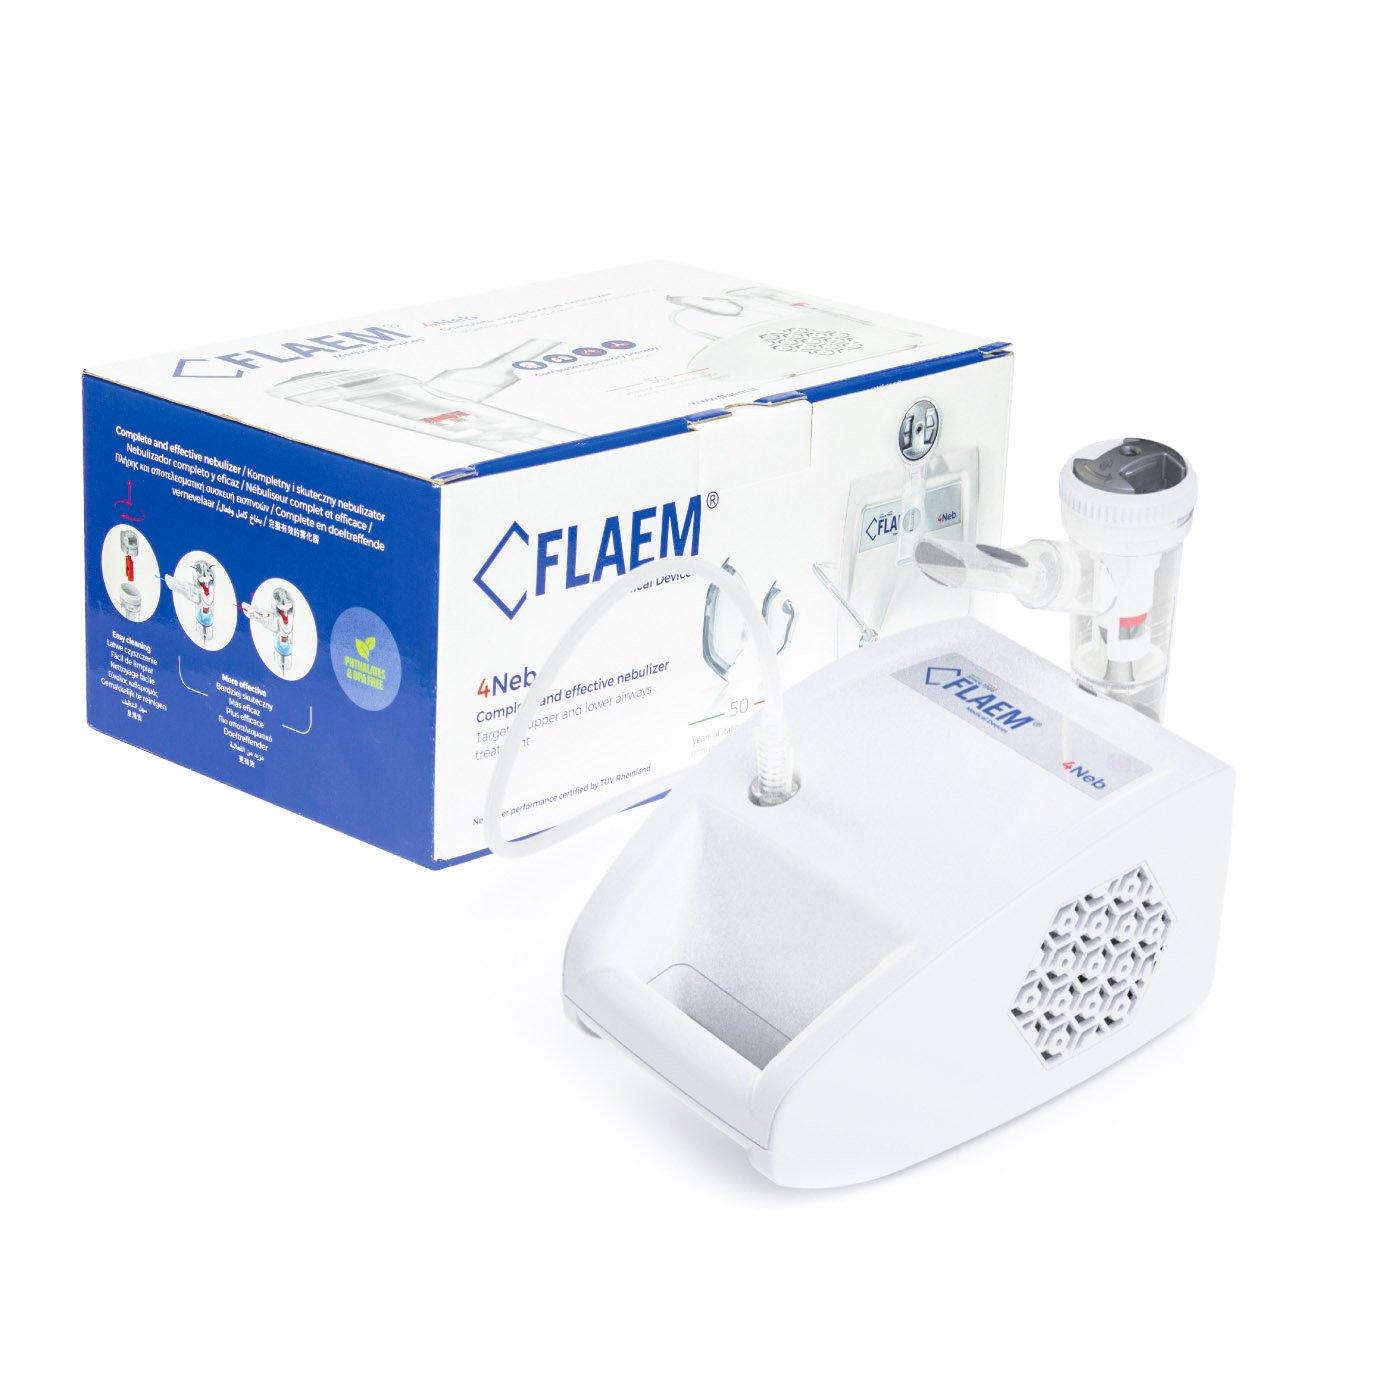 Inhalator pnematyczno-tłokowy FLAEM 4Neb Allegro Smart_week